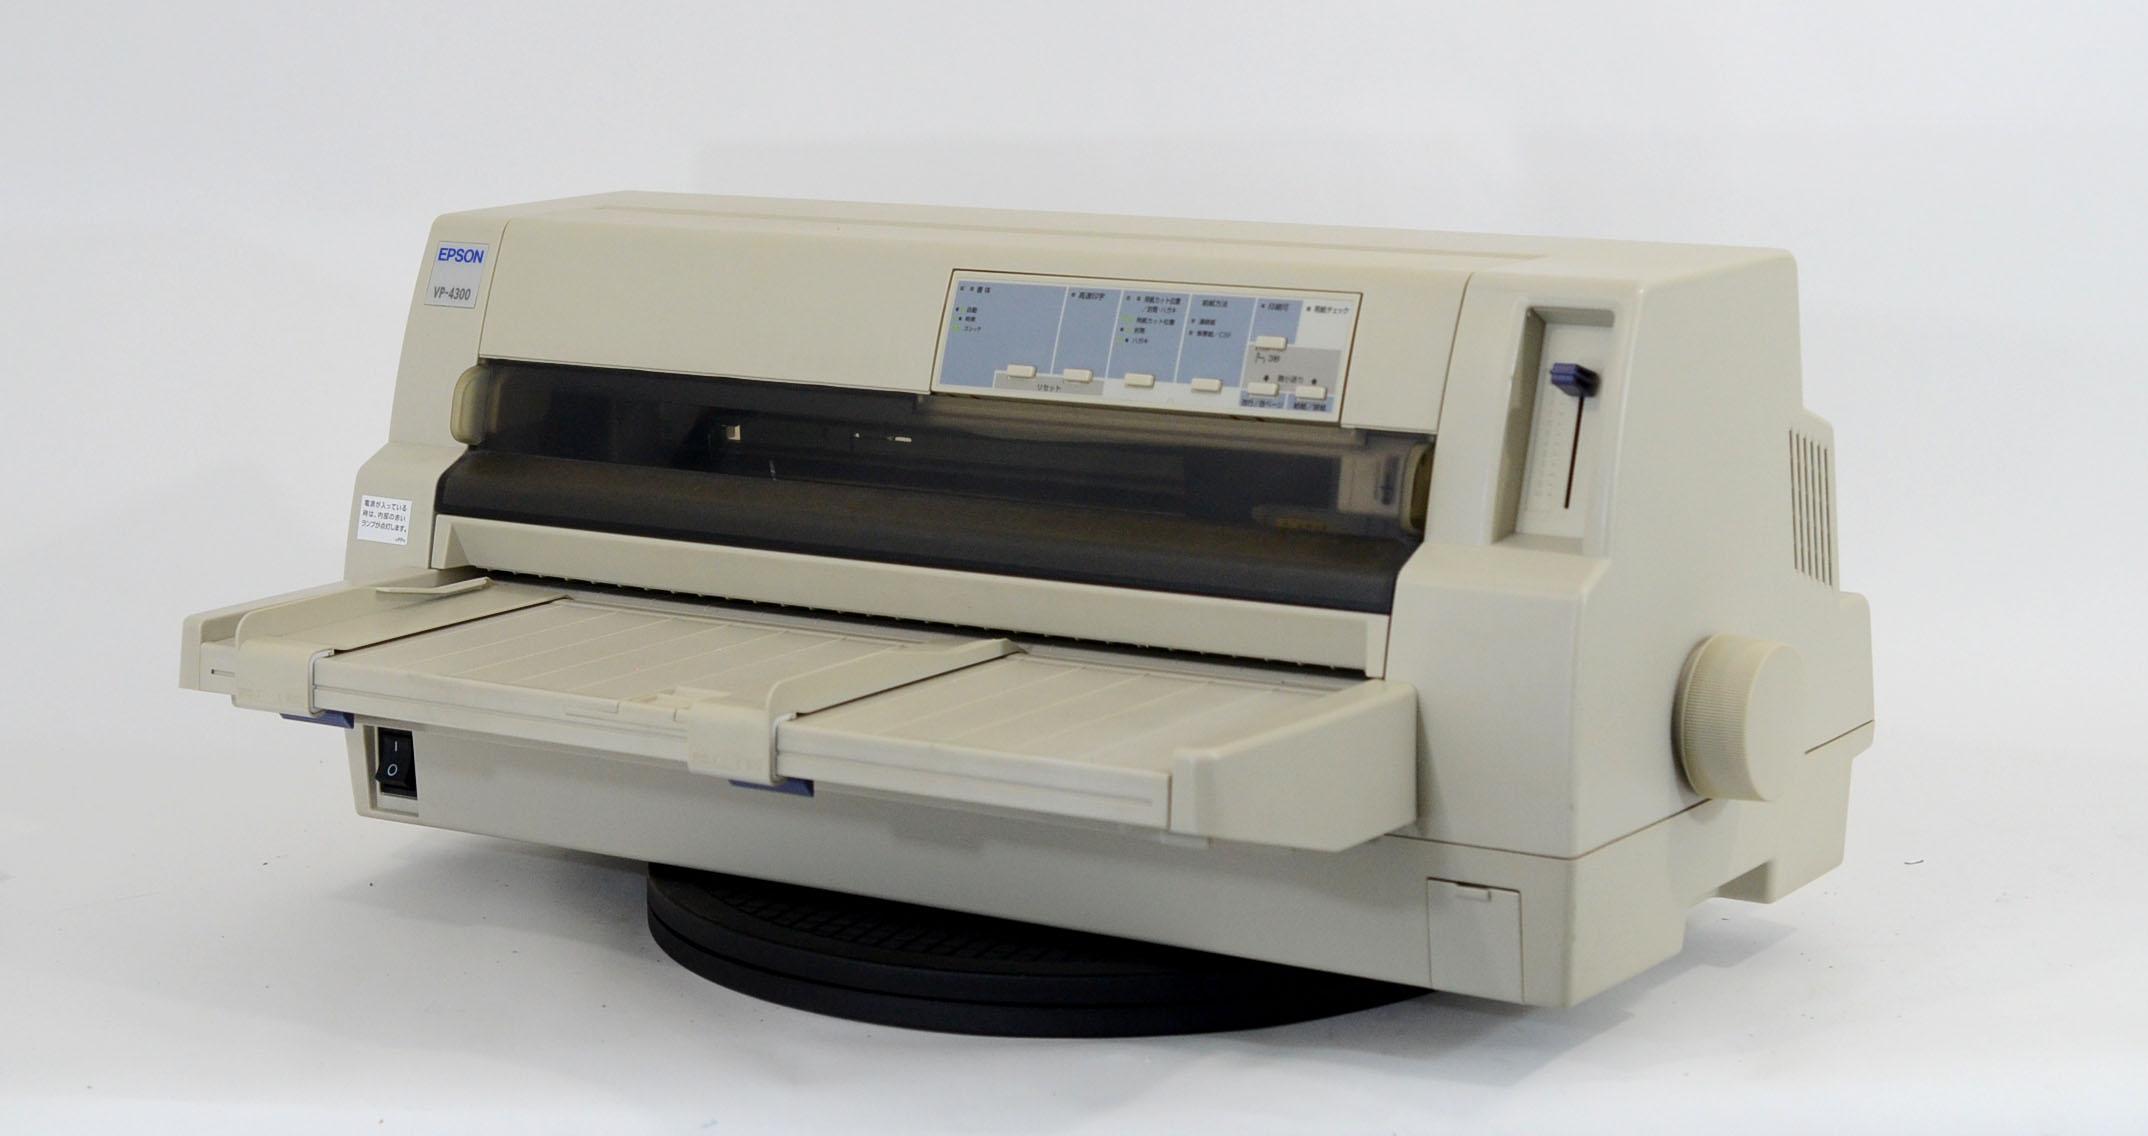 【中古】EPSON ドットプリンター VP-4300N 伝票 複写 水平型